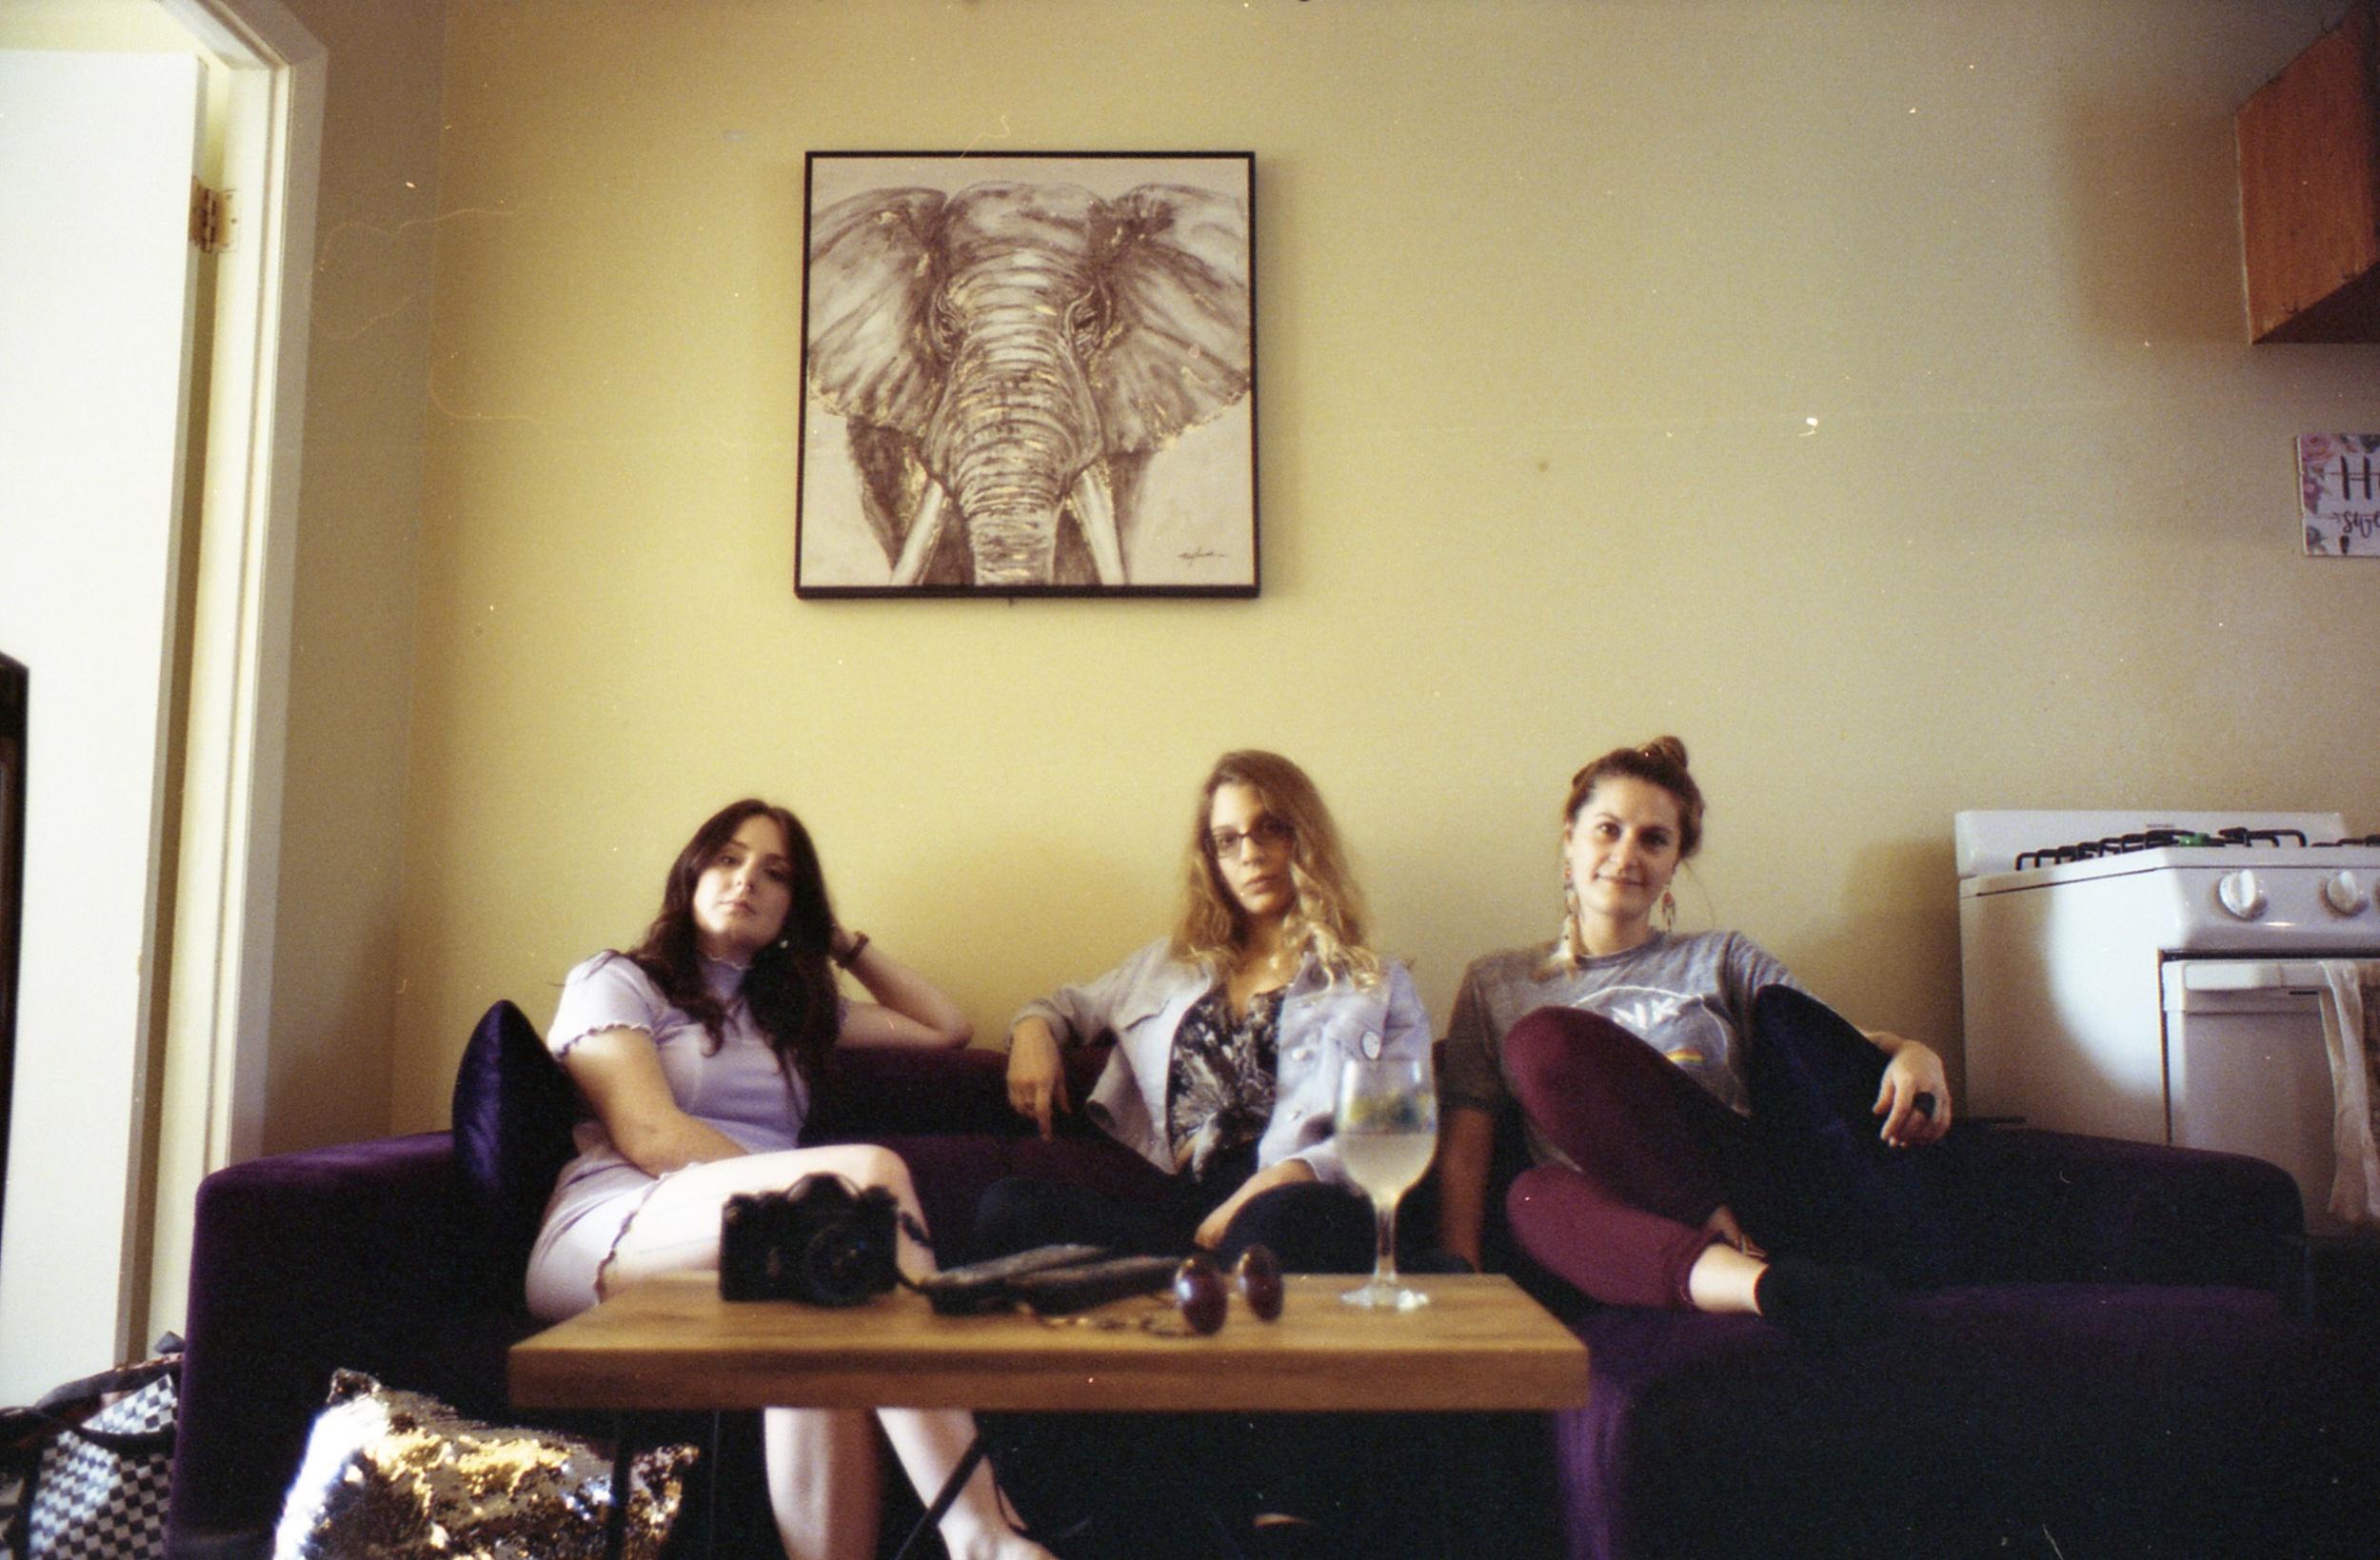 Nyc, 05/04/19. Three badass babes right here.